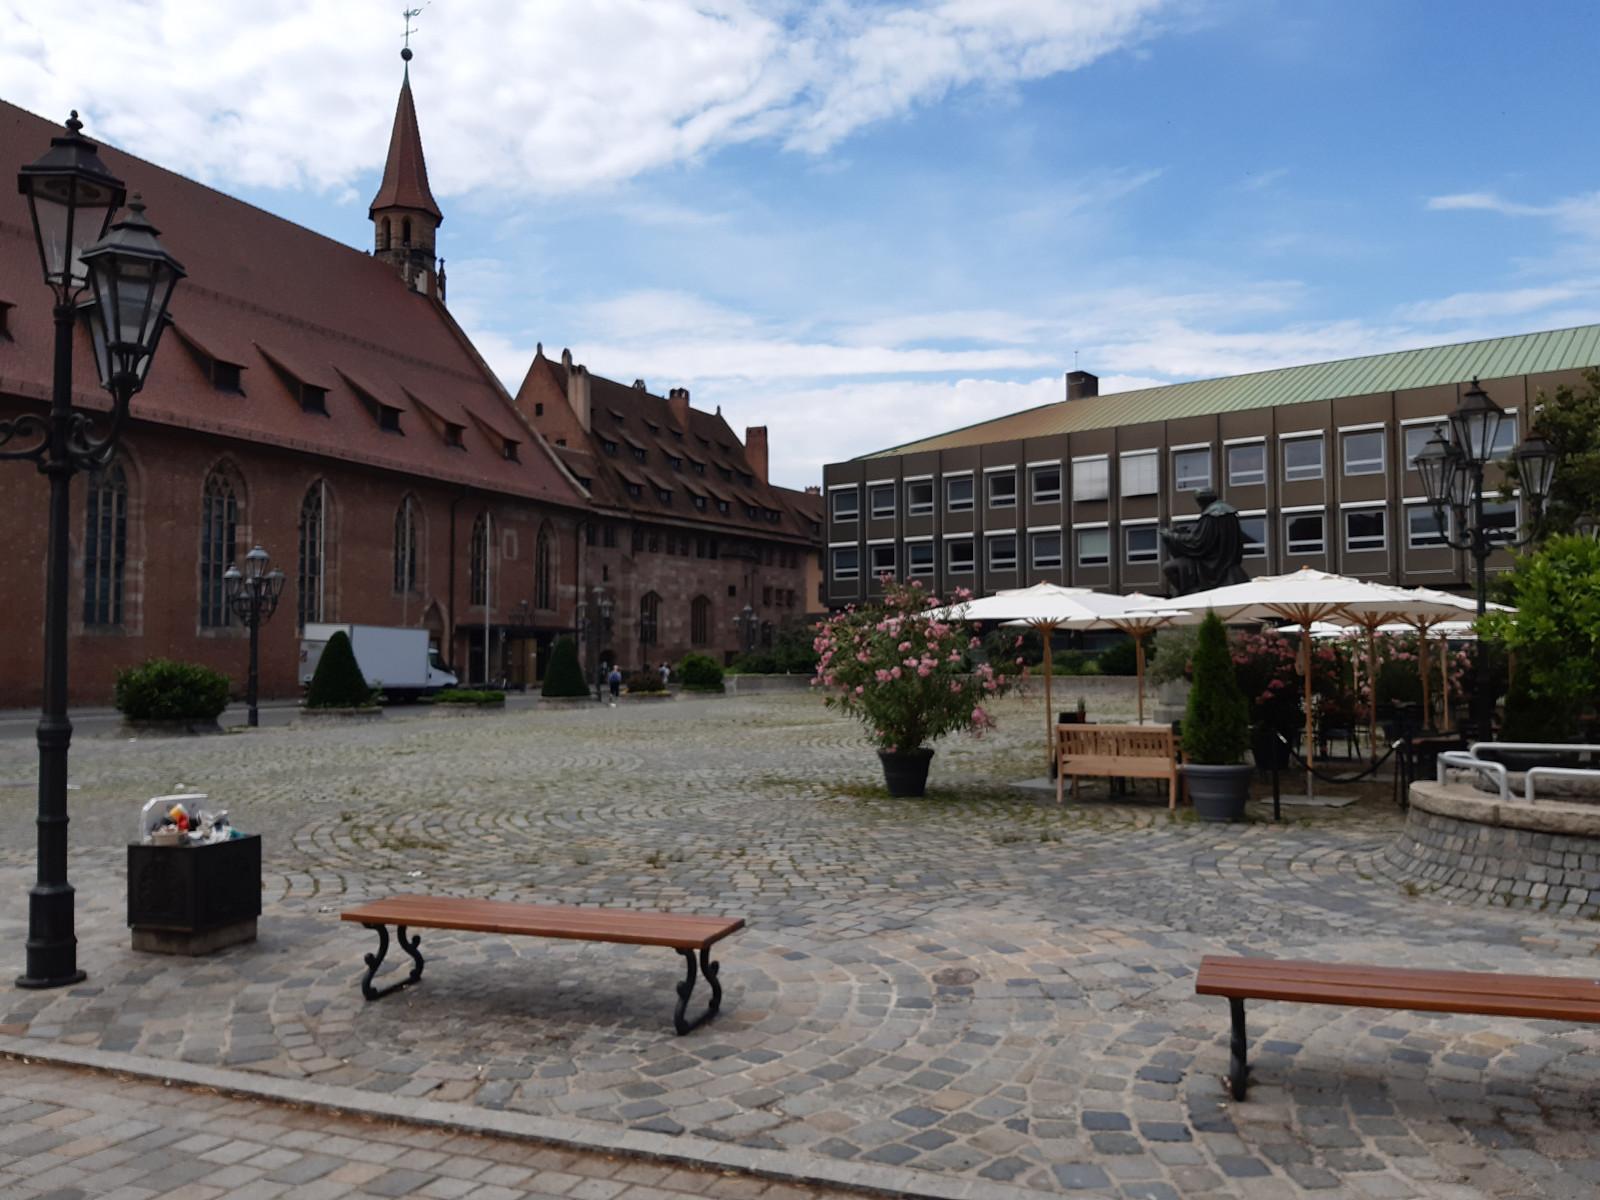 2021-09-07-03-50-16-6HansSachsPlatz.jpg - Atelier Haberbosch Nürnberg